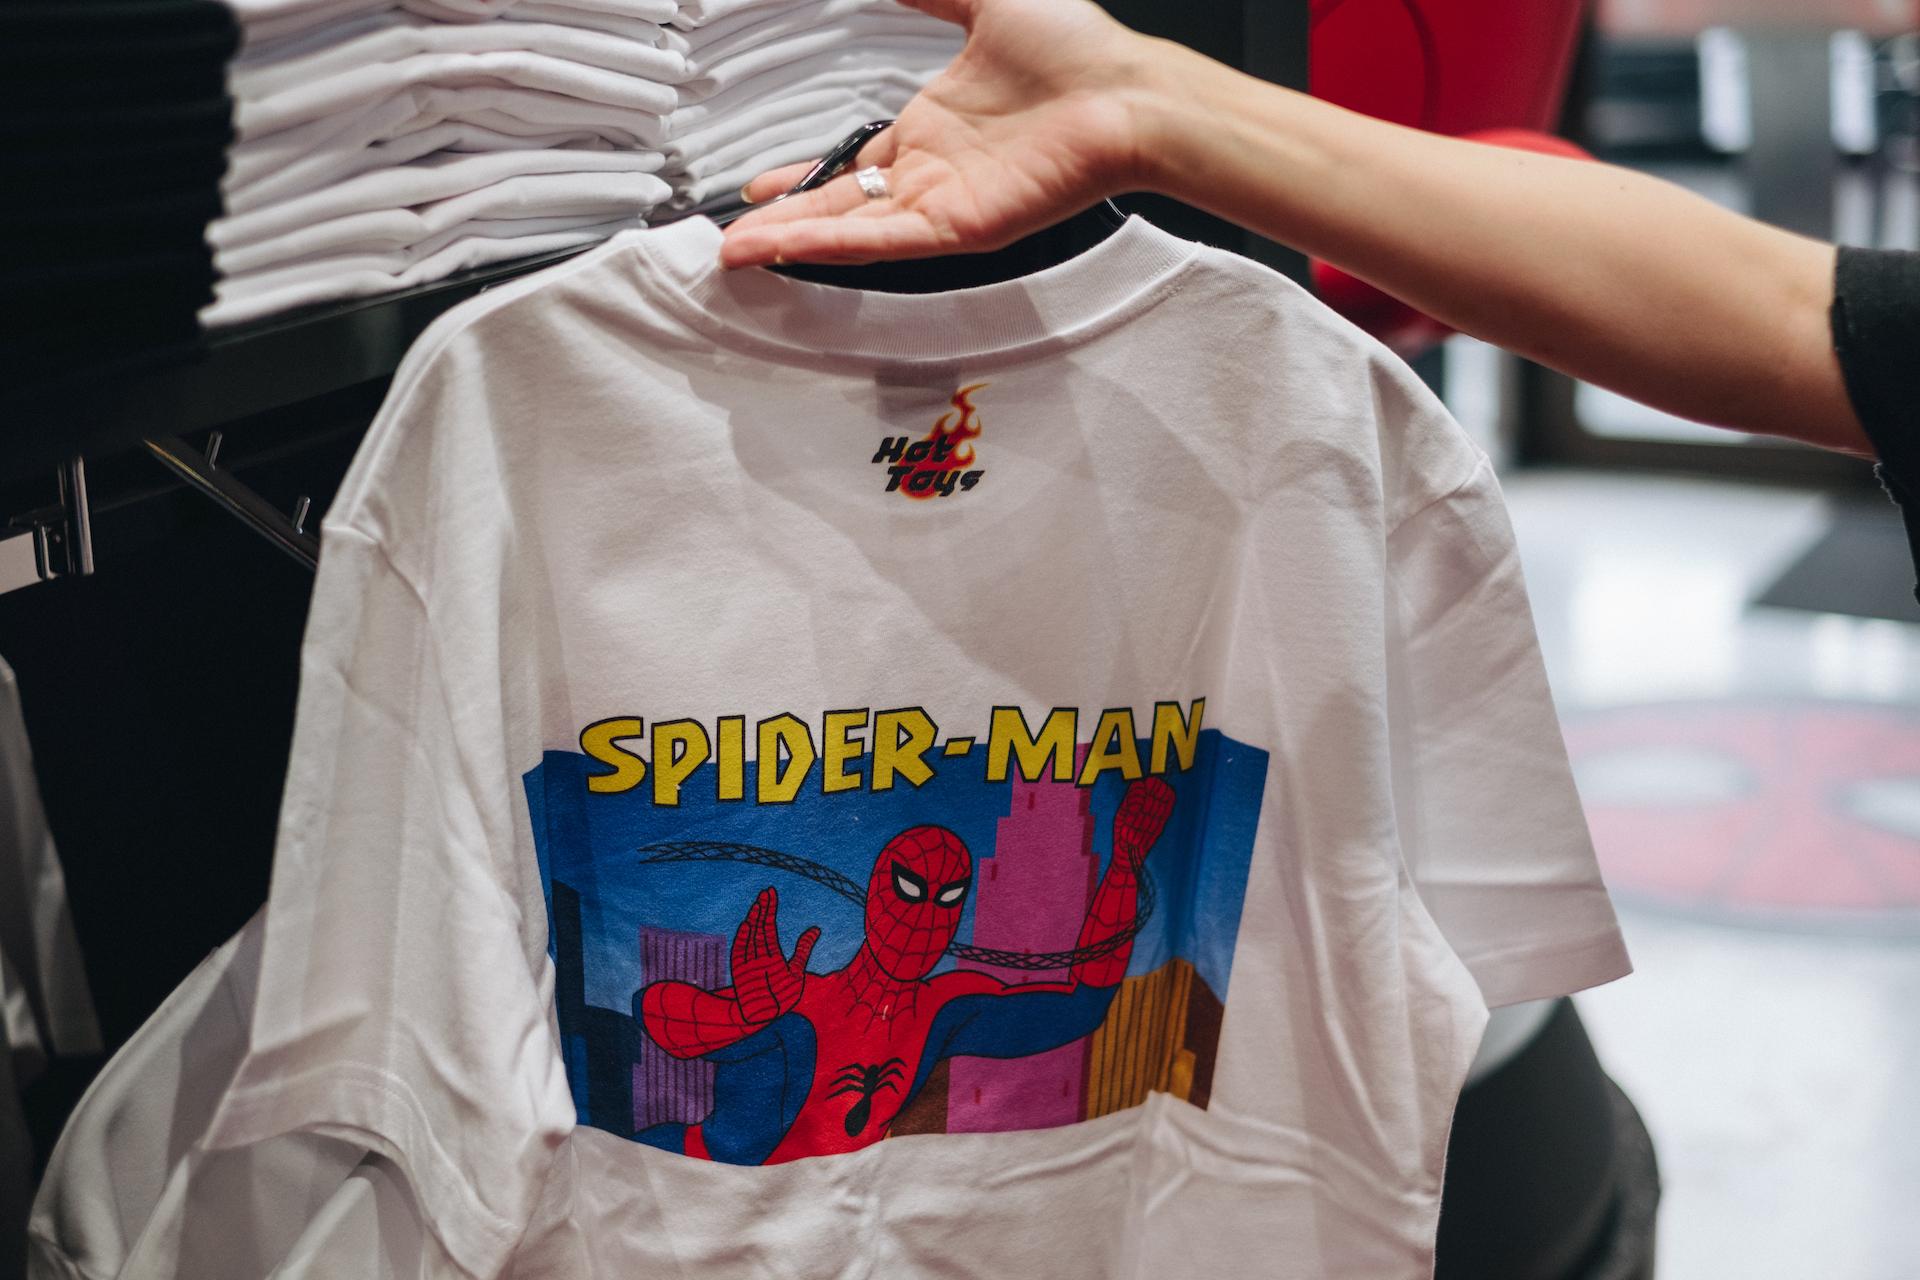 スパイダーマン好きなら目ギラギラ大興奮必至の期間限定ショップ探訪 art-culture-spiderman-store-report-23